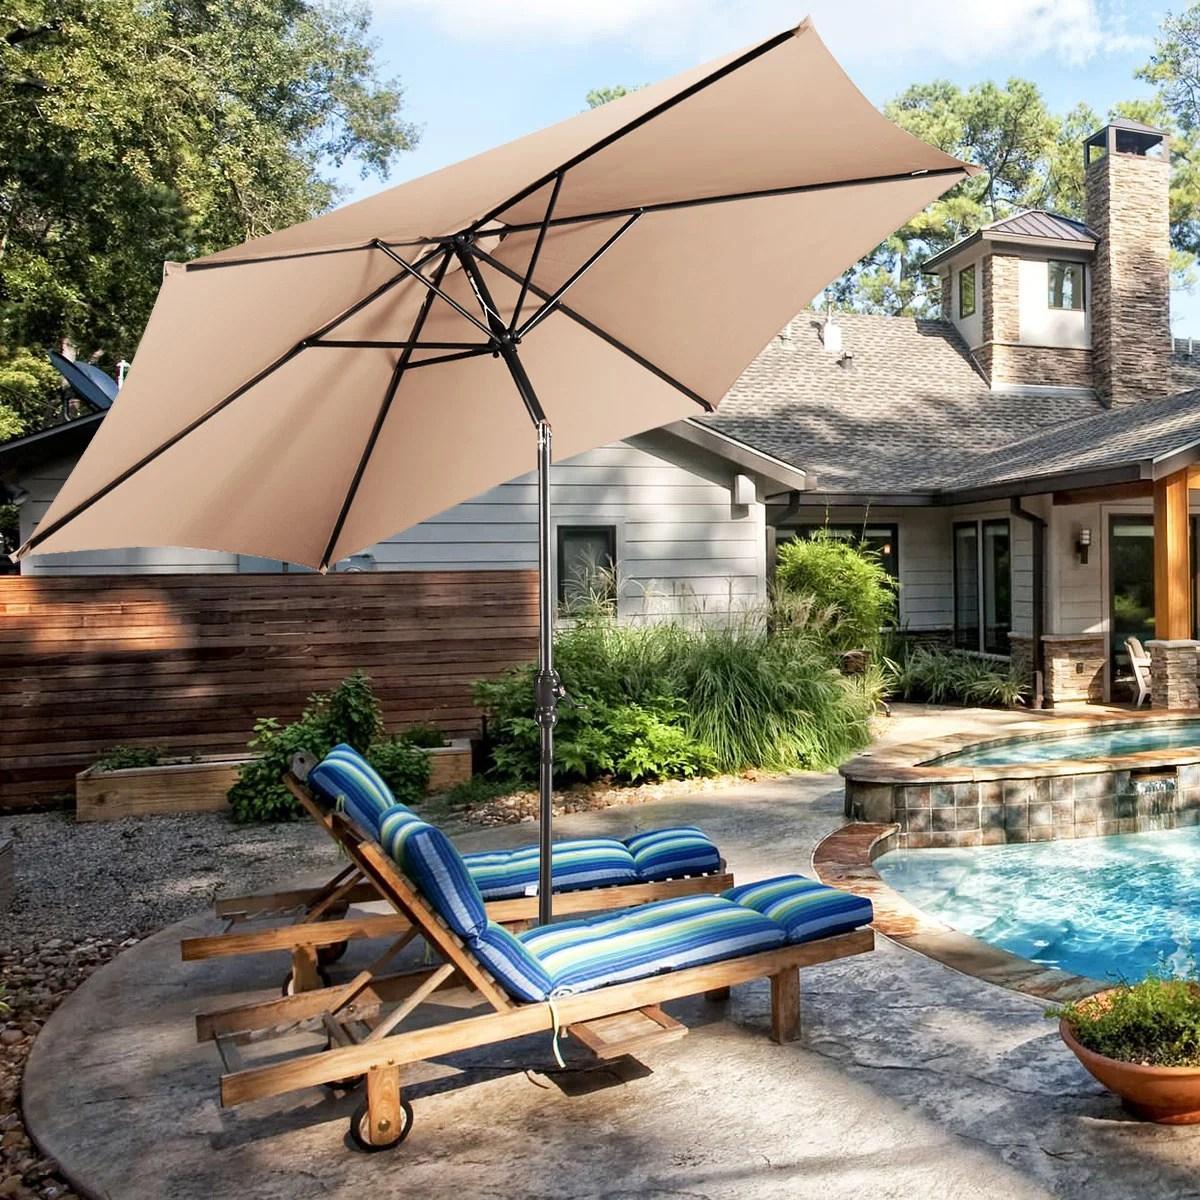 costway 9ft patio umbrella patio market steel tilt w crank outdoor yard garden